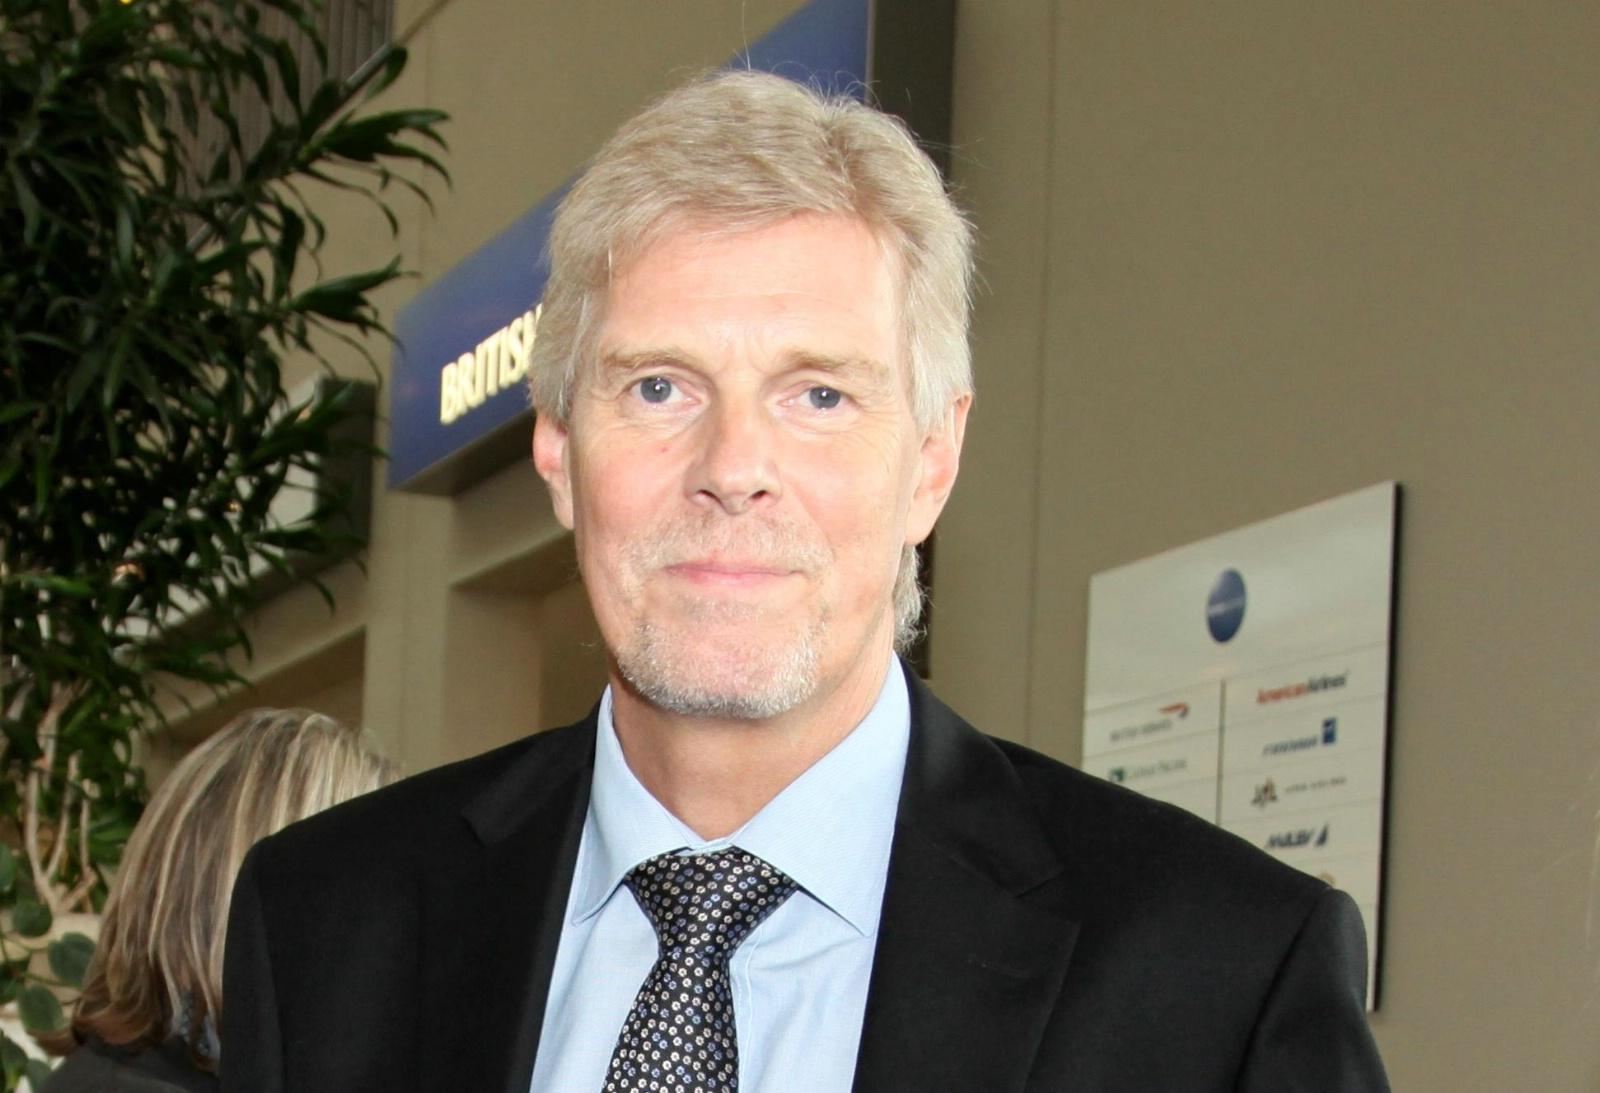 """""""Det er et oplæg til forhandling. Der er ingen der ved hvor det ender,"""" siger Billund Lufthavns direktør, Kjeld Zacho Jørgensen, om regeringens forslag om at droppe jernbanen til lufthavnen."""